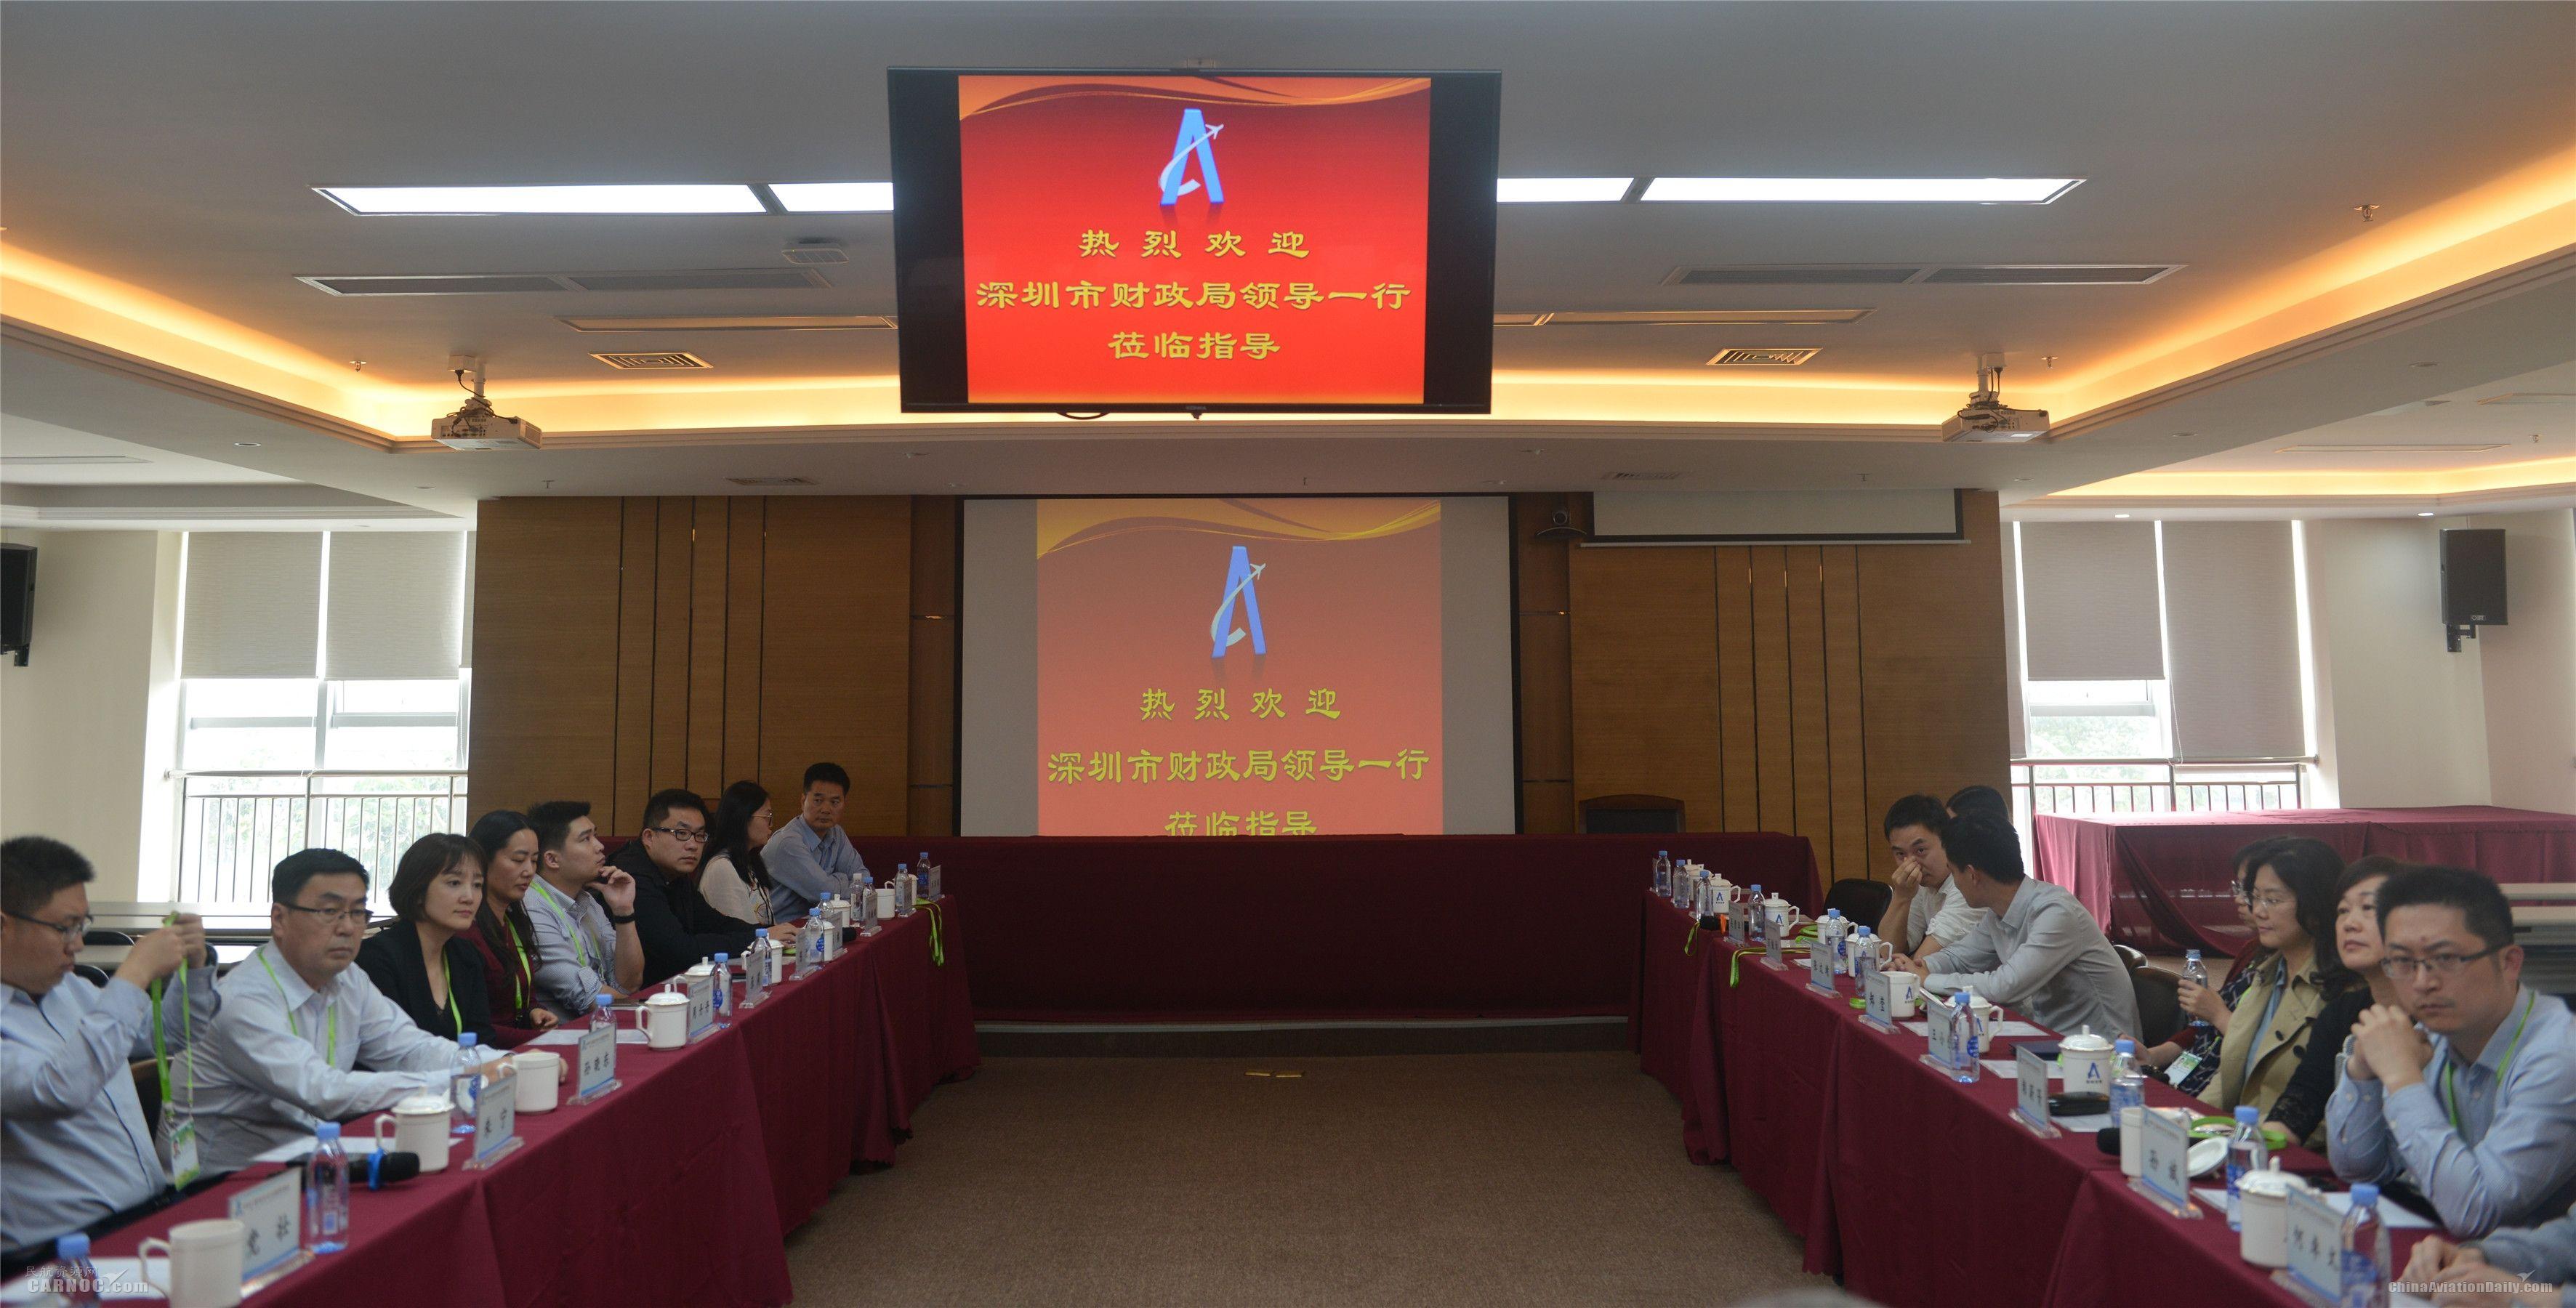 深圳空管站与深圳市财政局共促粤港澳大湾区建设